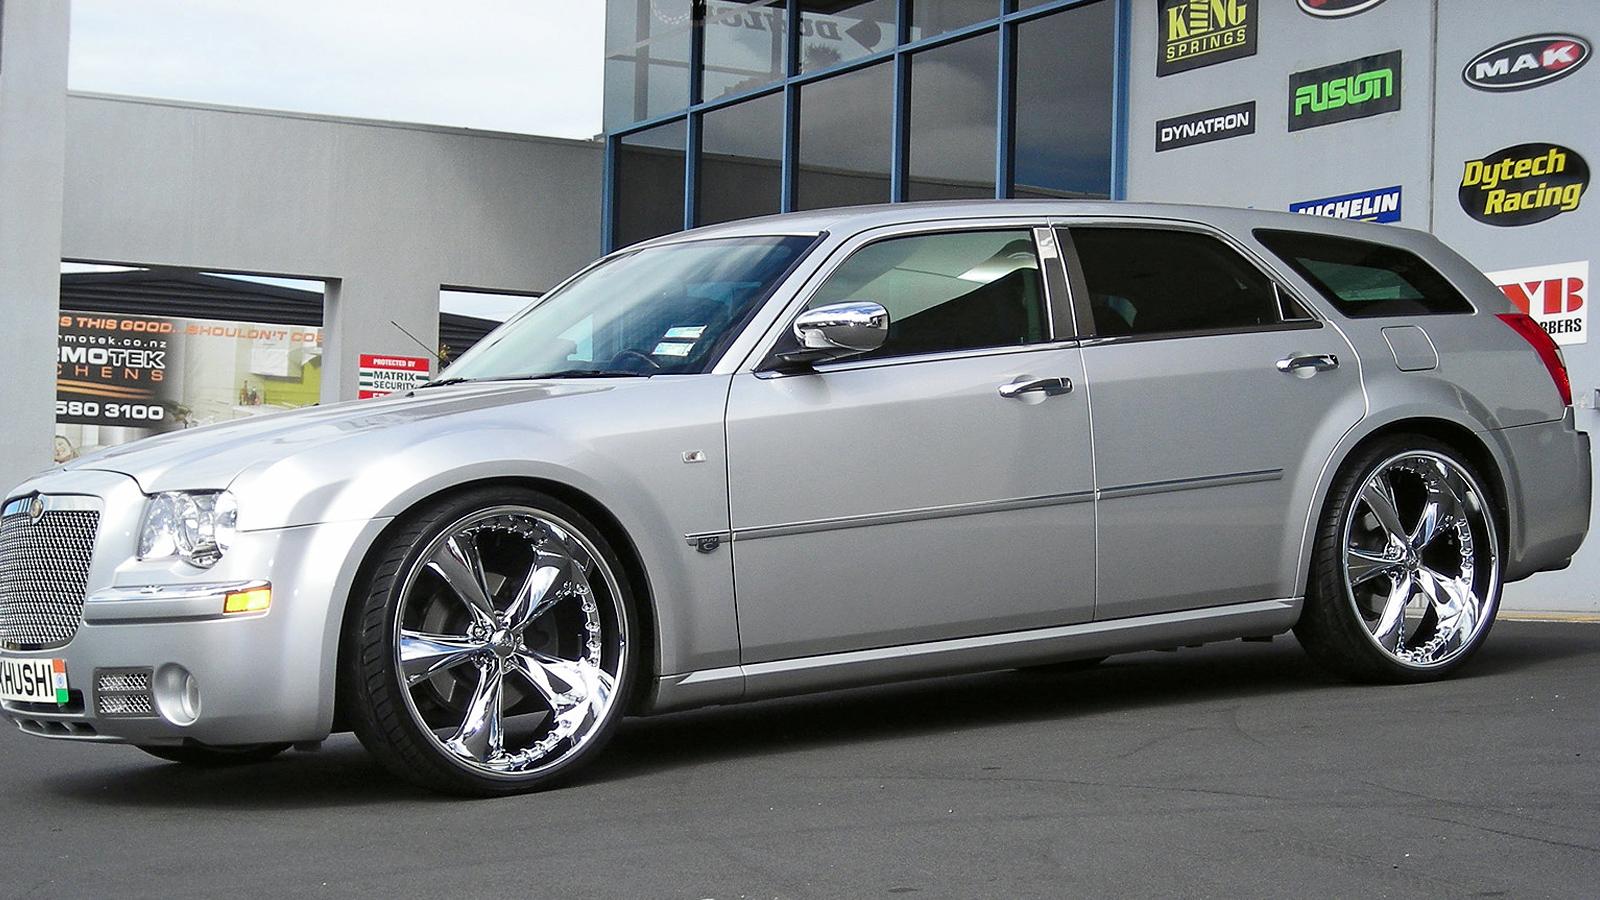 2008 Dodge Magnum Image 12